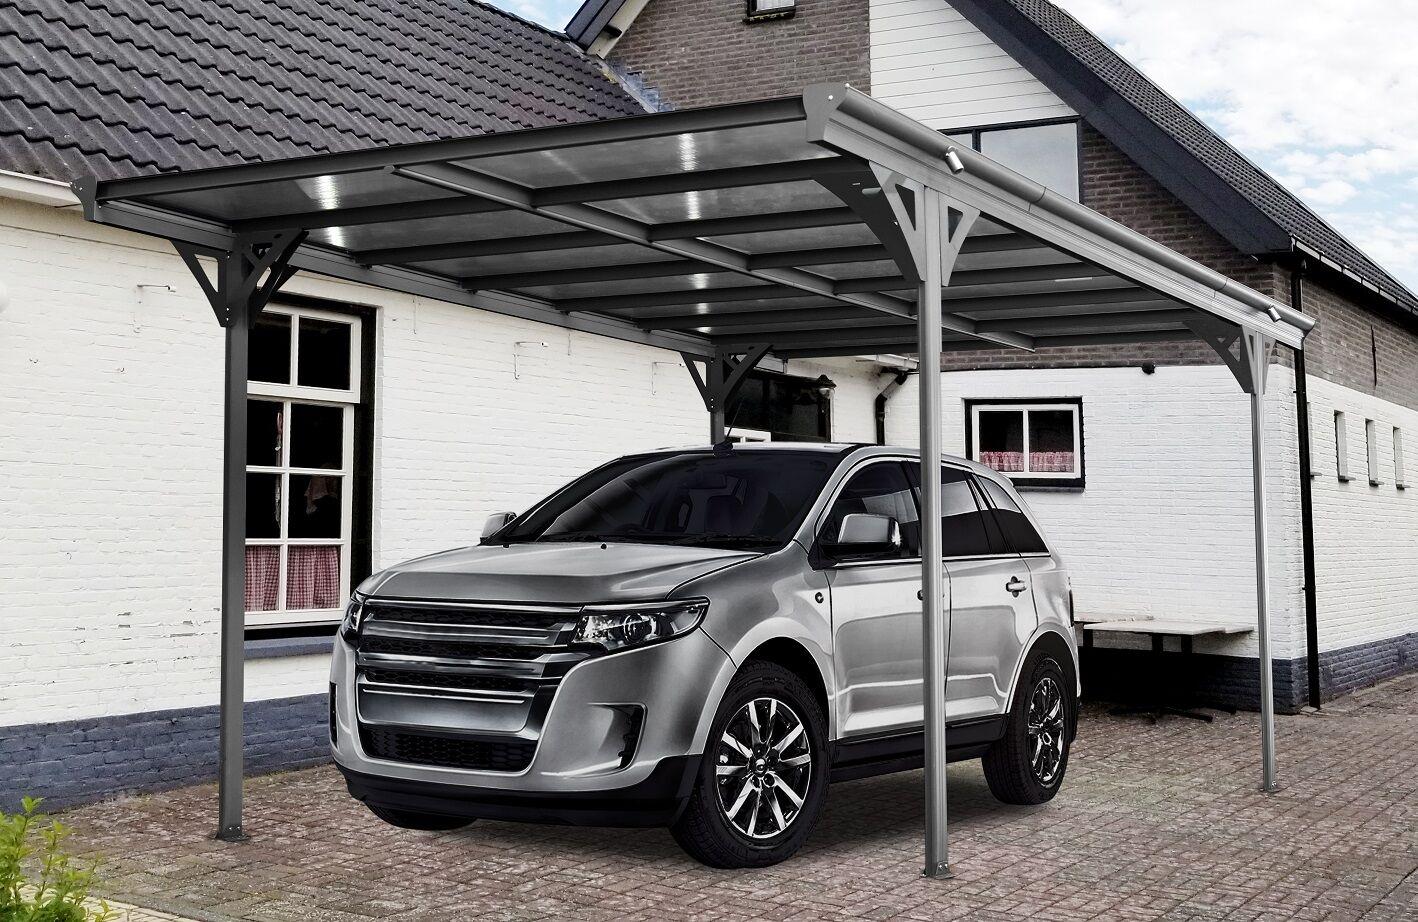 Bouvara Abri voiture en aluminium 5,03 x 3,05 m monopente